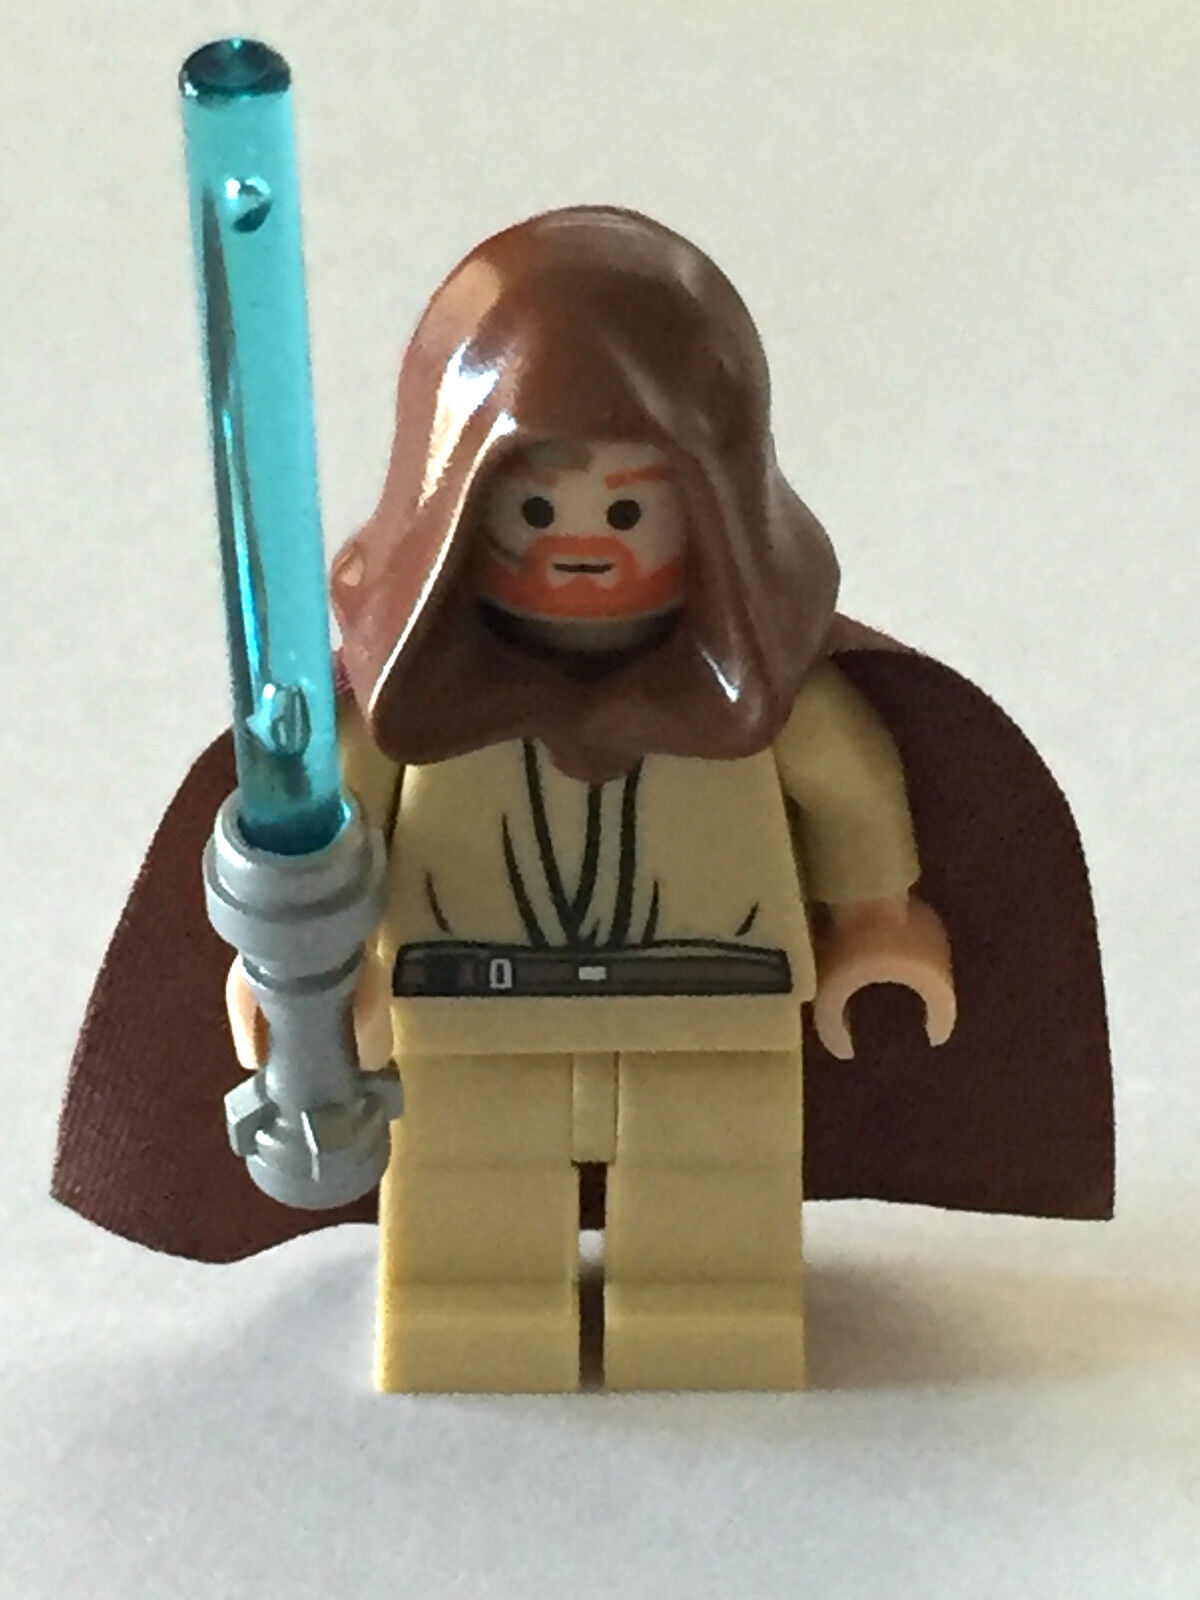 Nuevo Lego Minifig Star Wars Obi-Wan Obi-Wan Obi-Wan Kenobi  70% de descuento